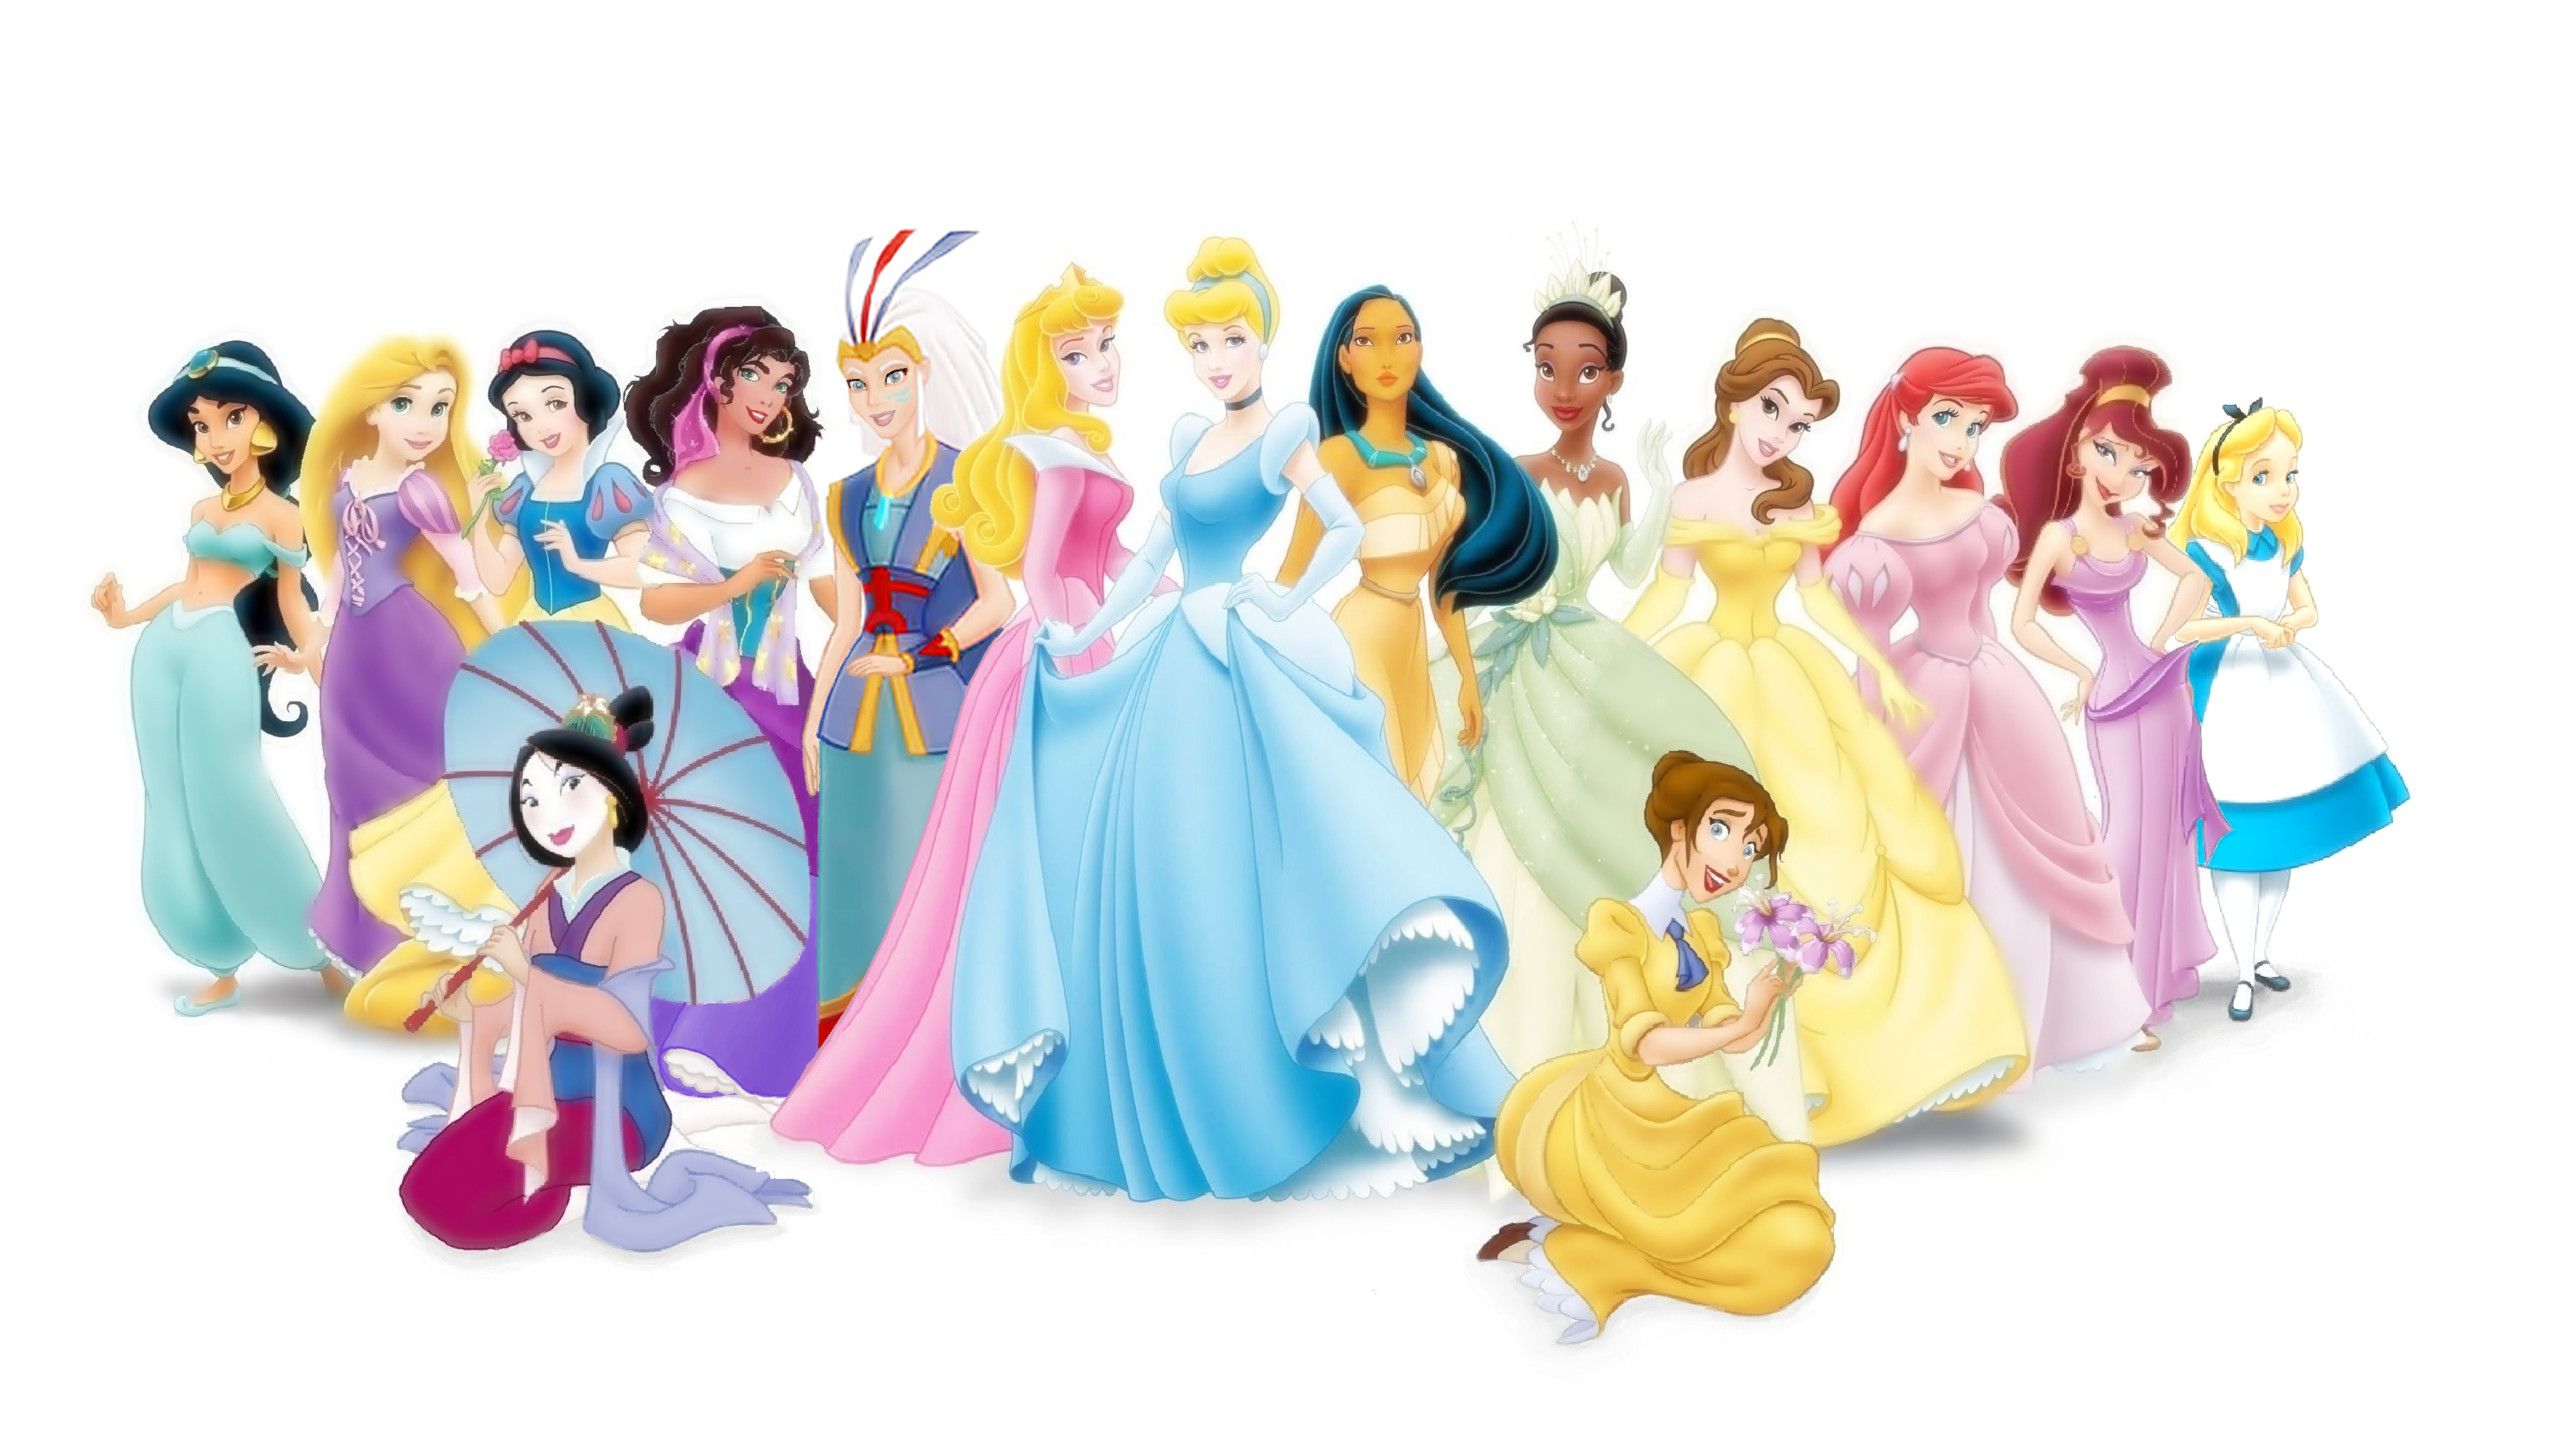 … disney princess images qygjxz; princess wallpapers …